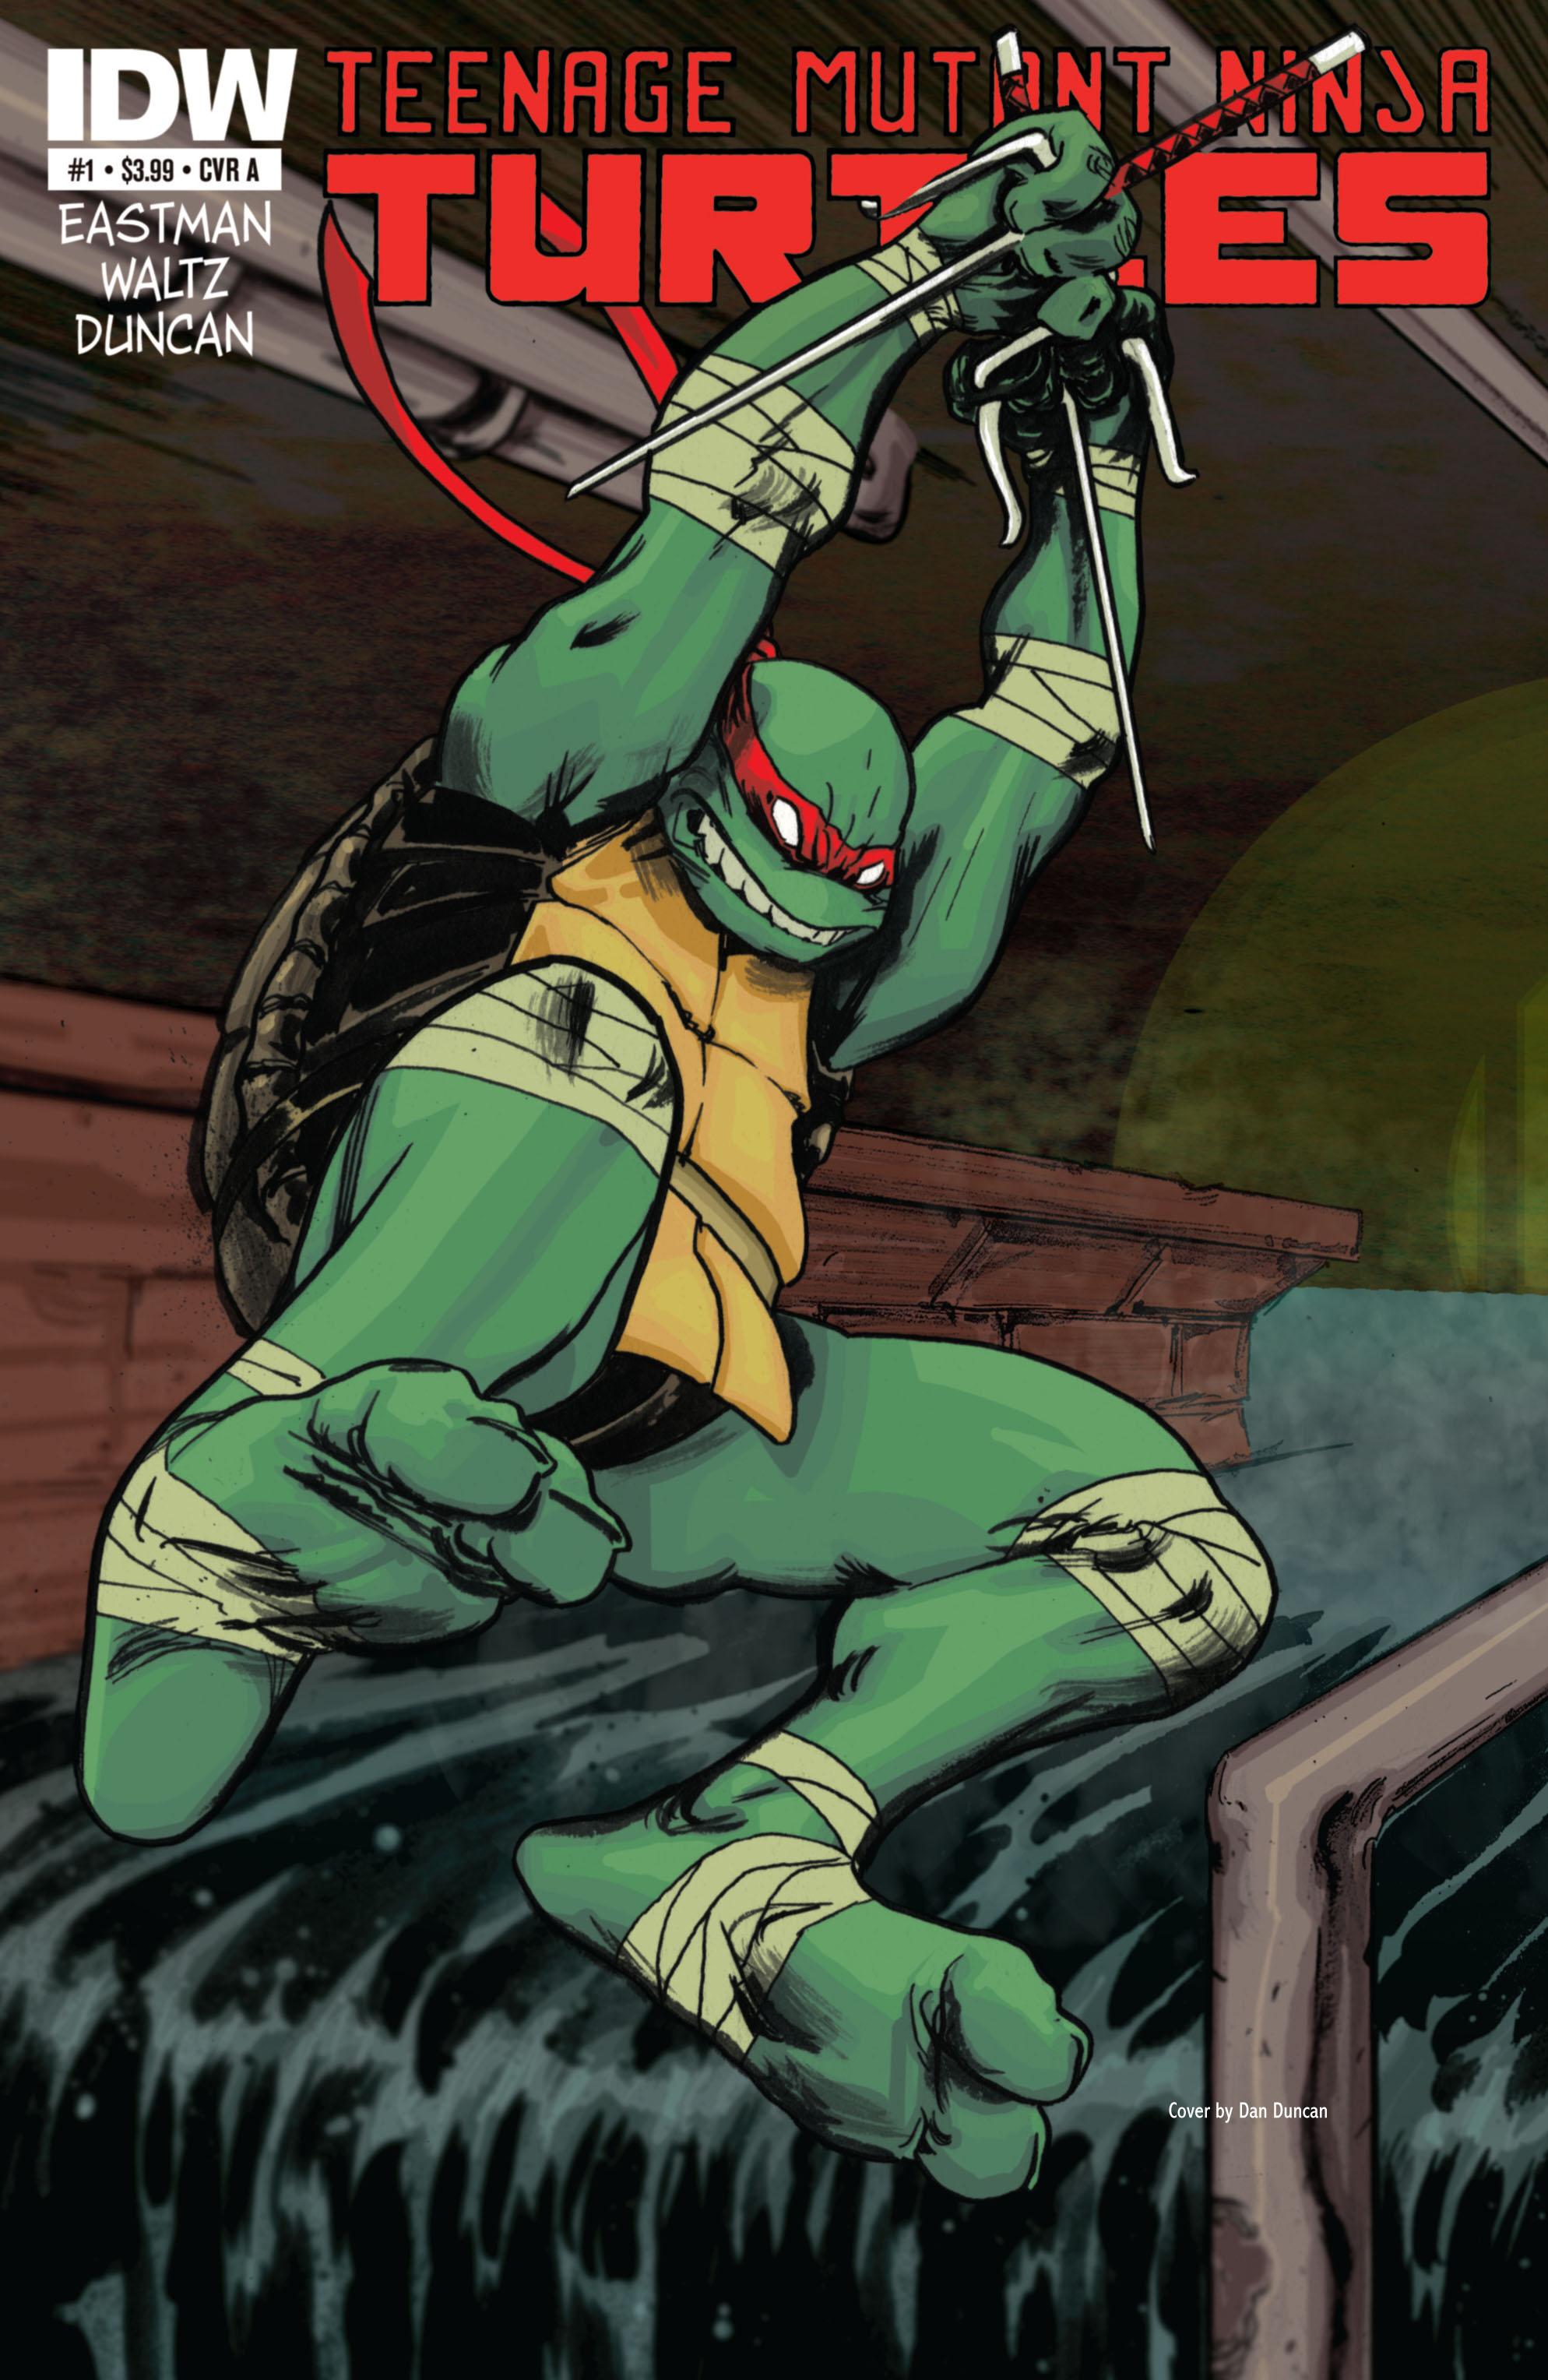 Teenage Mutant Ninja Turtles (2011) issue 1 - Page 1